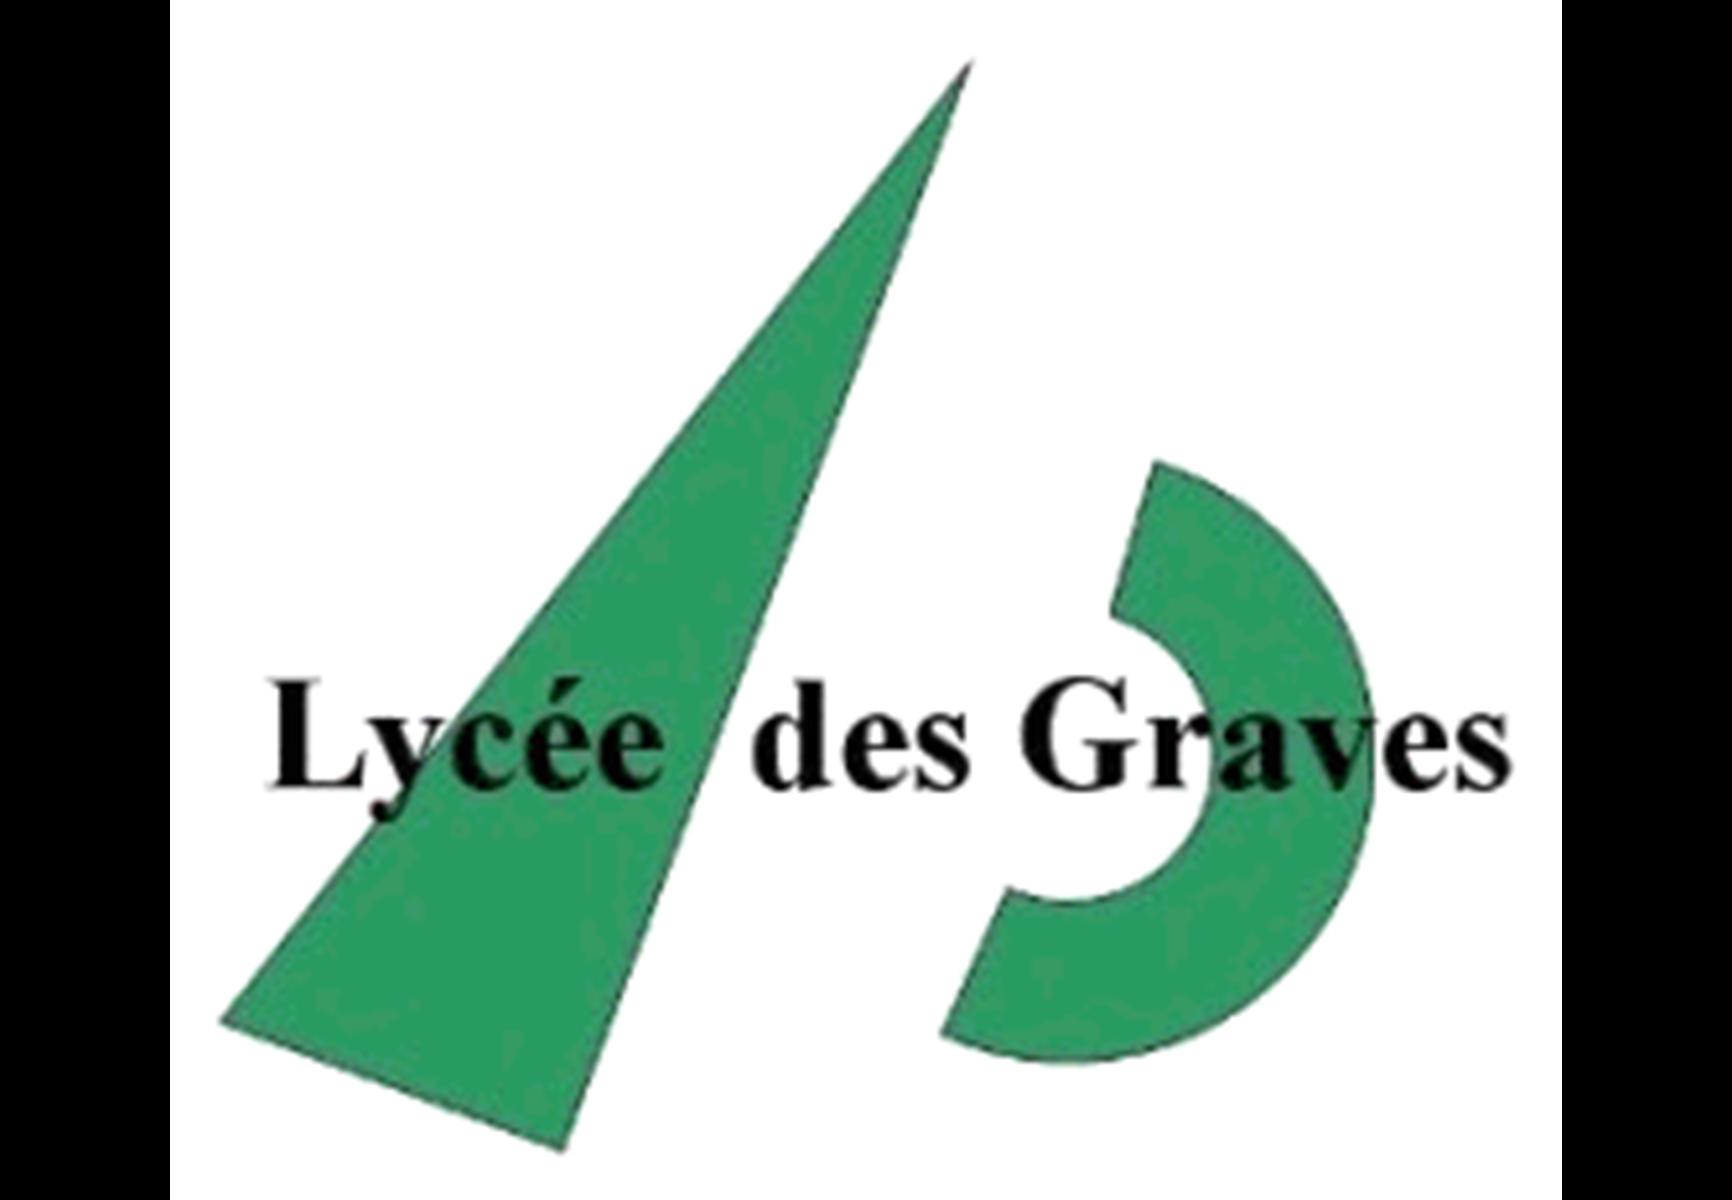 Lycée des Graves